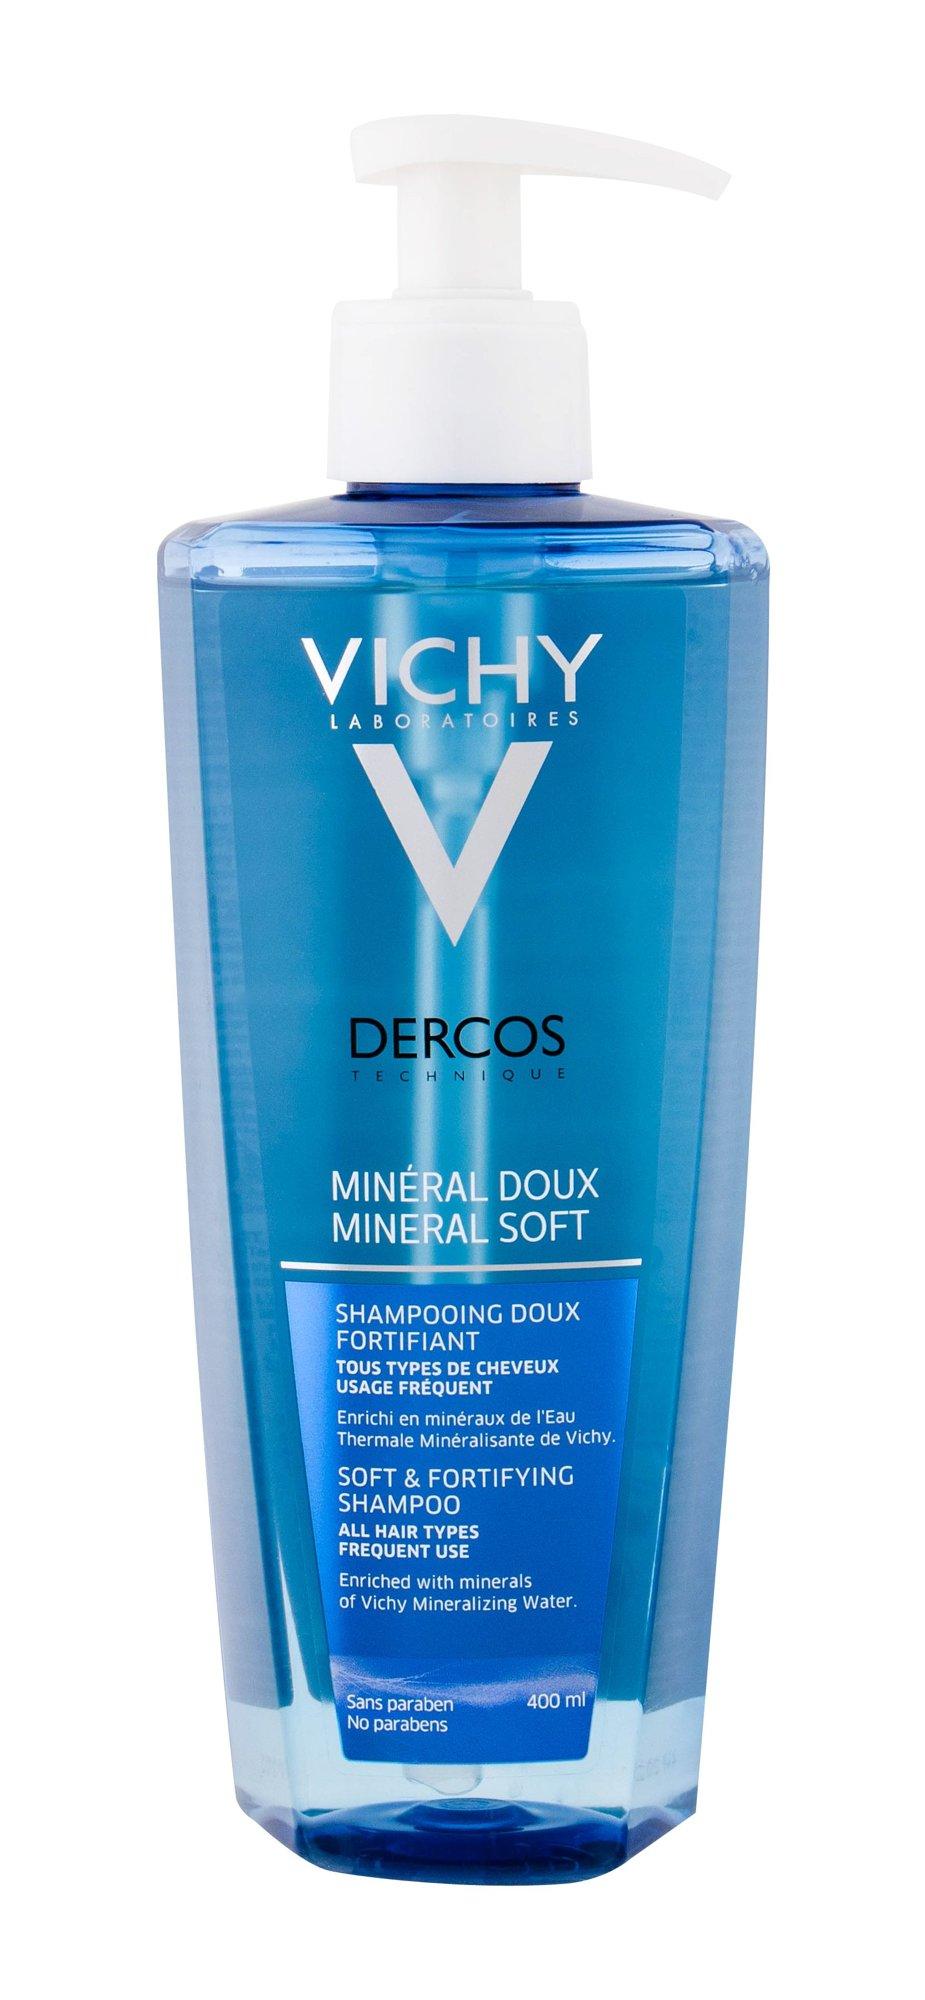 Vichy Dercos Shampoo 400ml